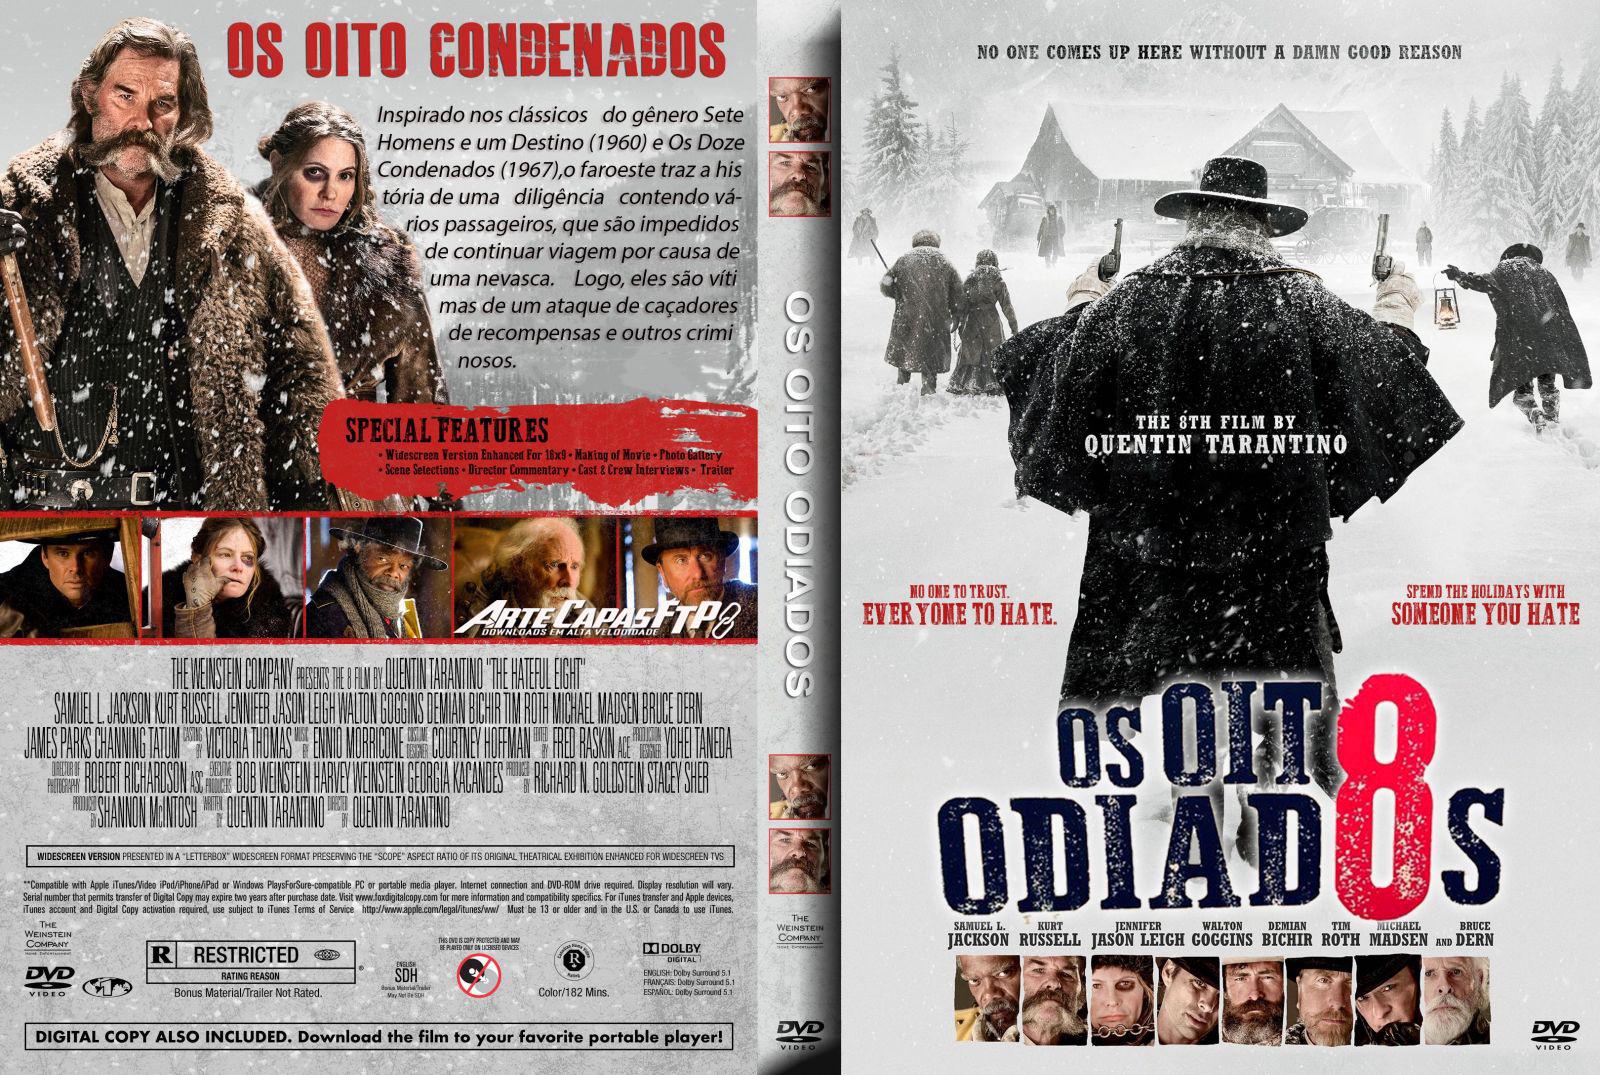 Os Oito Odiados DVDRip XviD Dual Áudio Os 2BOito 2BOdiados 2B  2BXANDAODOWNLOAD